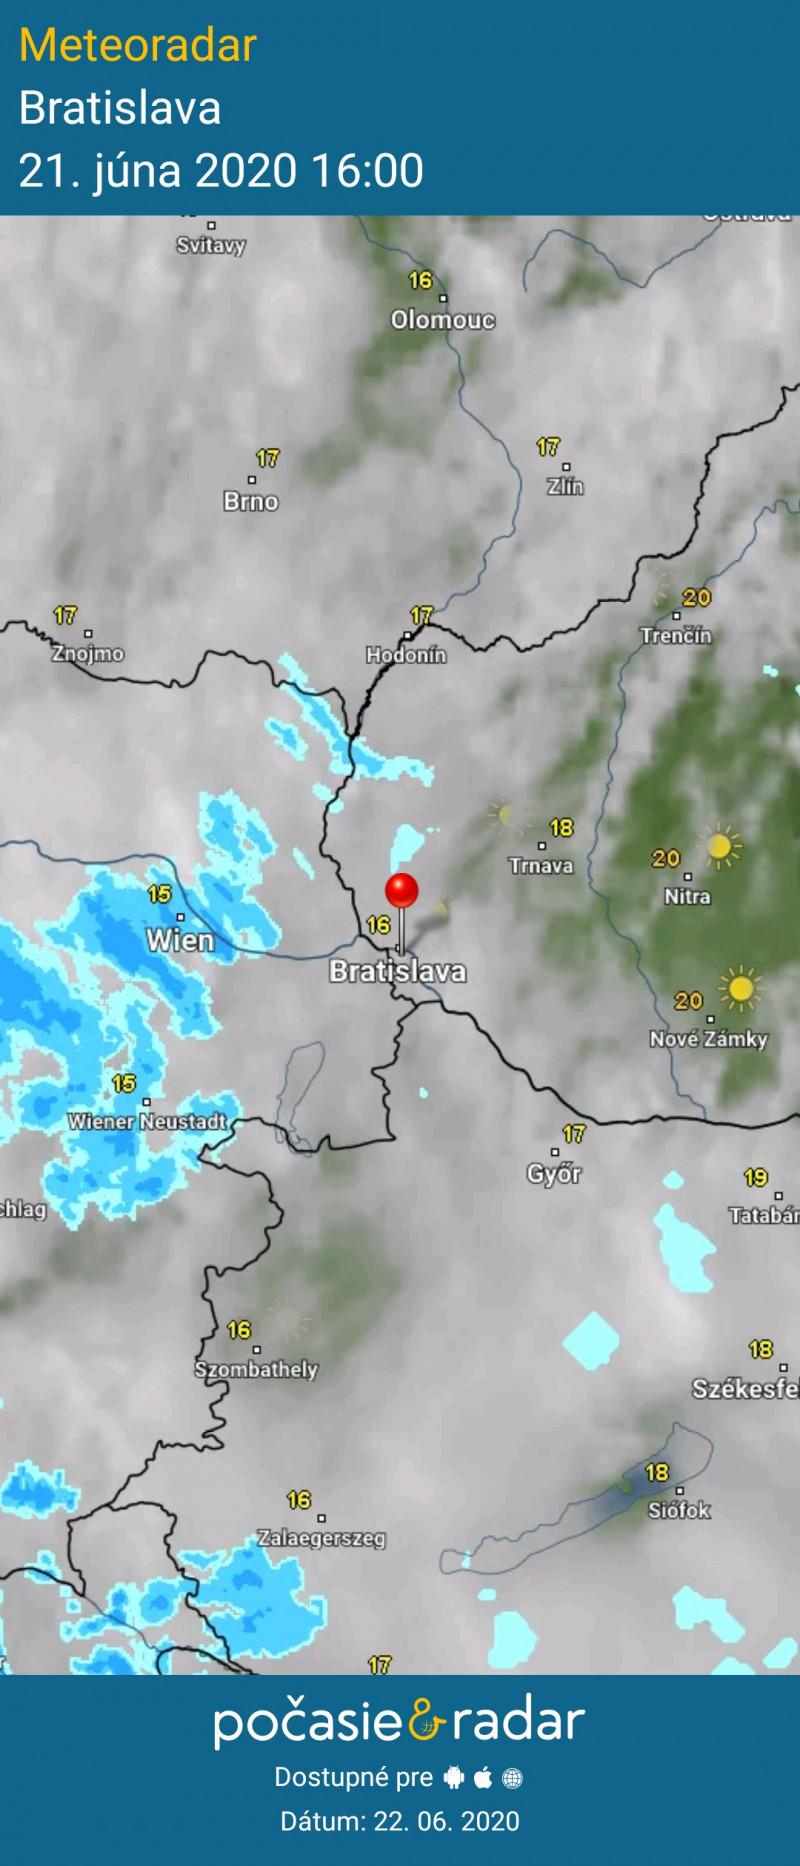 Počasie&Radar - aplikácia o počasí.jpg